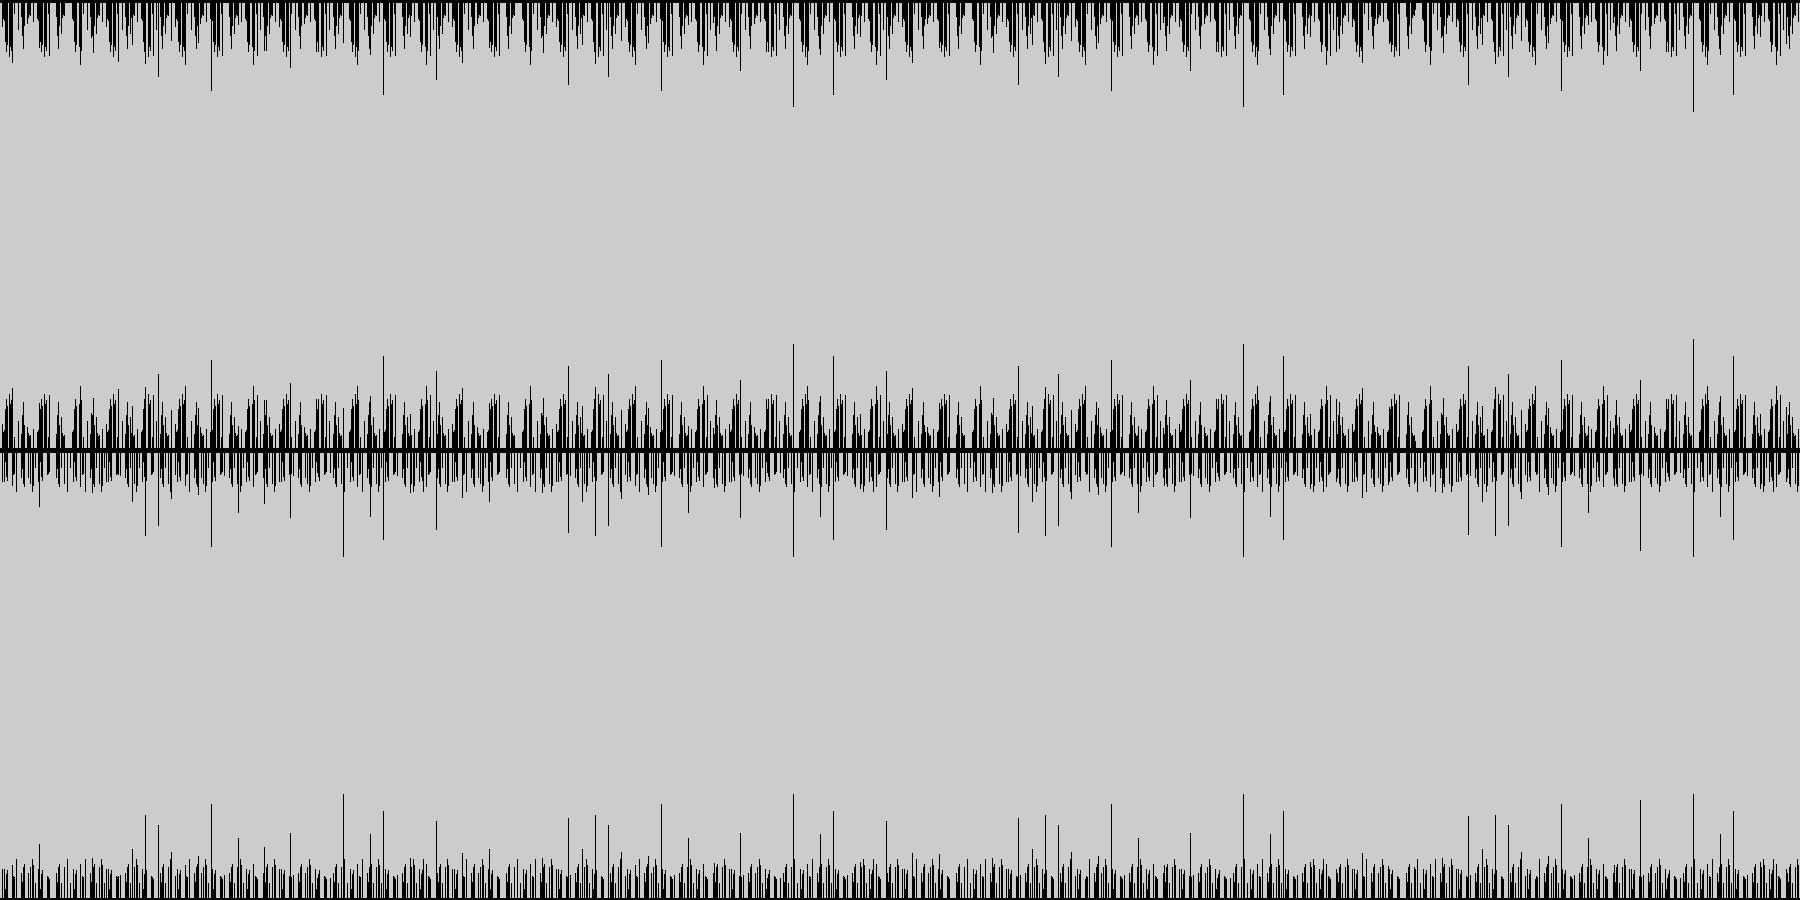 アンビエント風な短いループの曲の未再生の波形